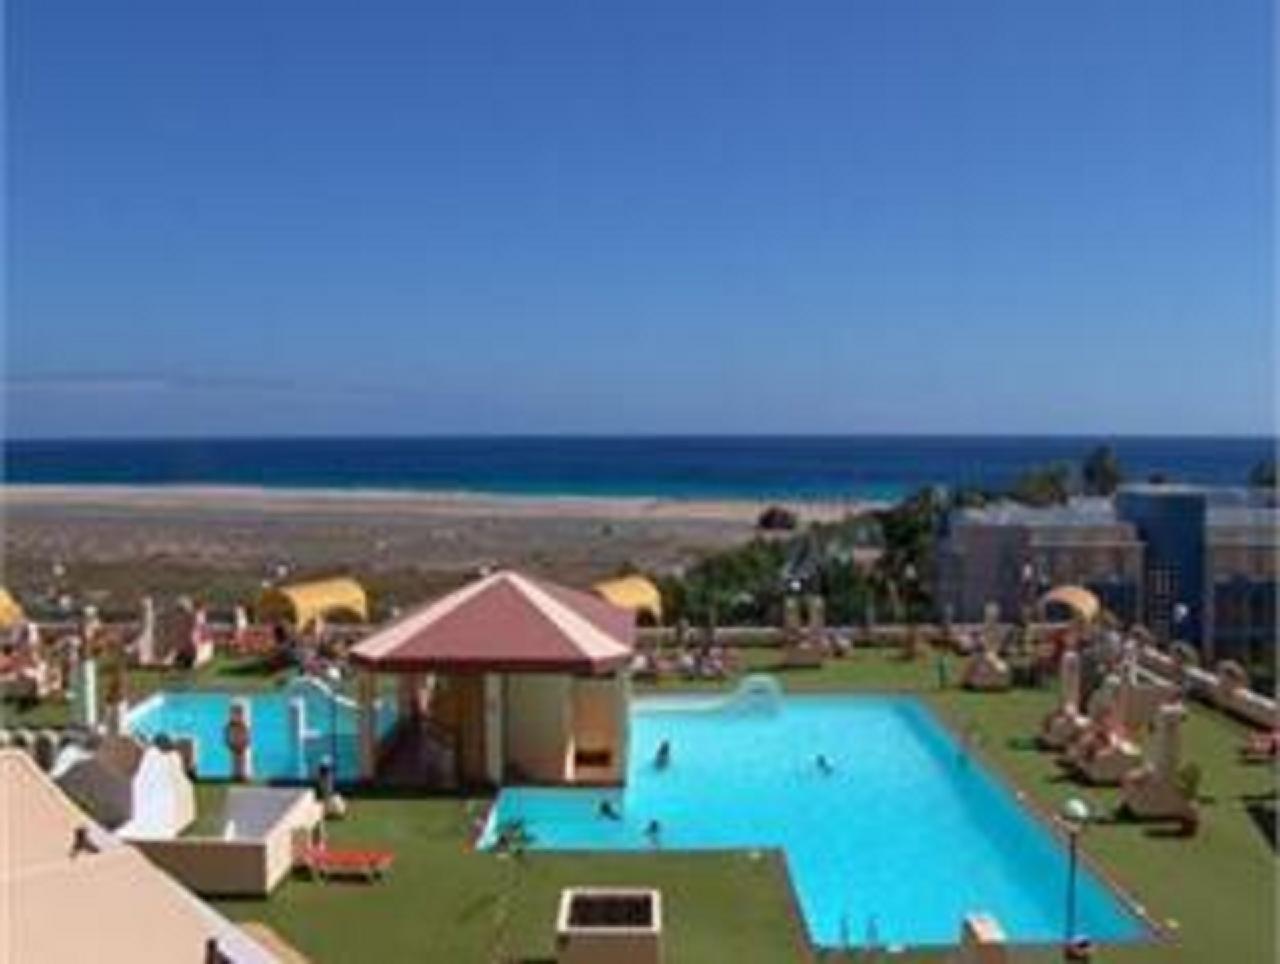 Ferienwohnung Apartment 2 / 4p am Strand und mit allen Dienstleistungen, mit Meerblick, Swimmingpools, a (487787), Morro Jable, Fuerteventura, Kanarische Inseln, Spanien, Bild 17